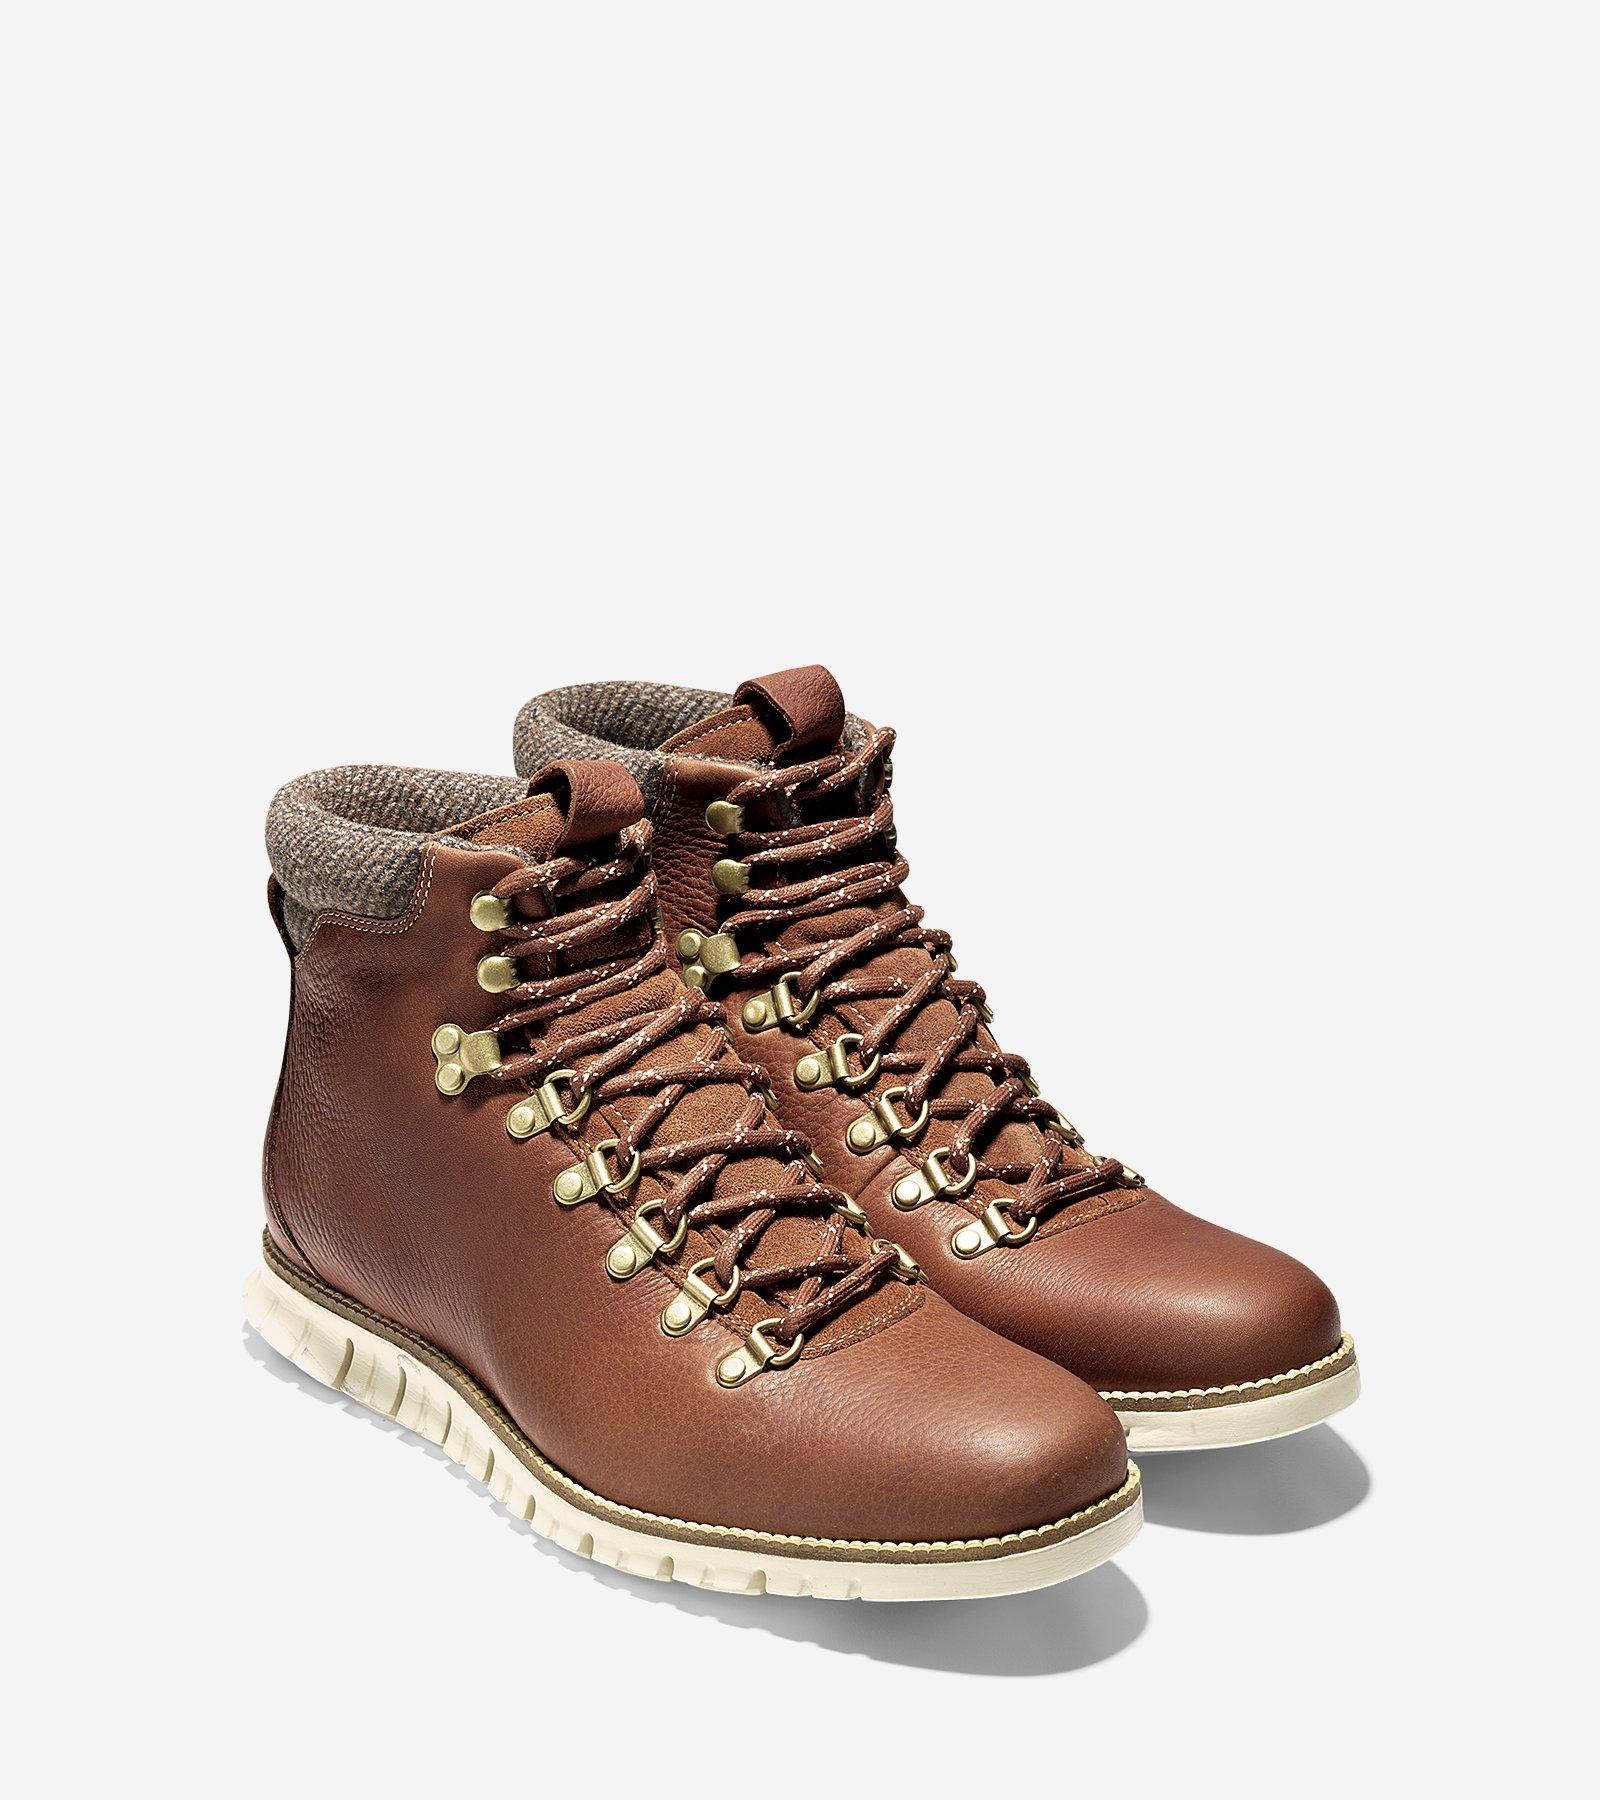 Cole Haan - £235 ZEROGRAND HIKER brown.jpg